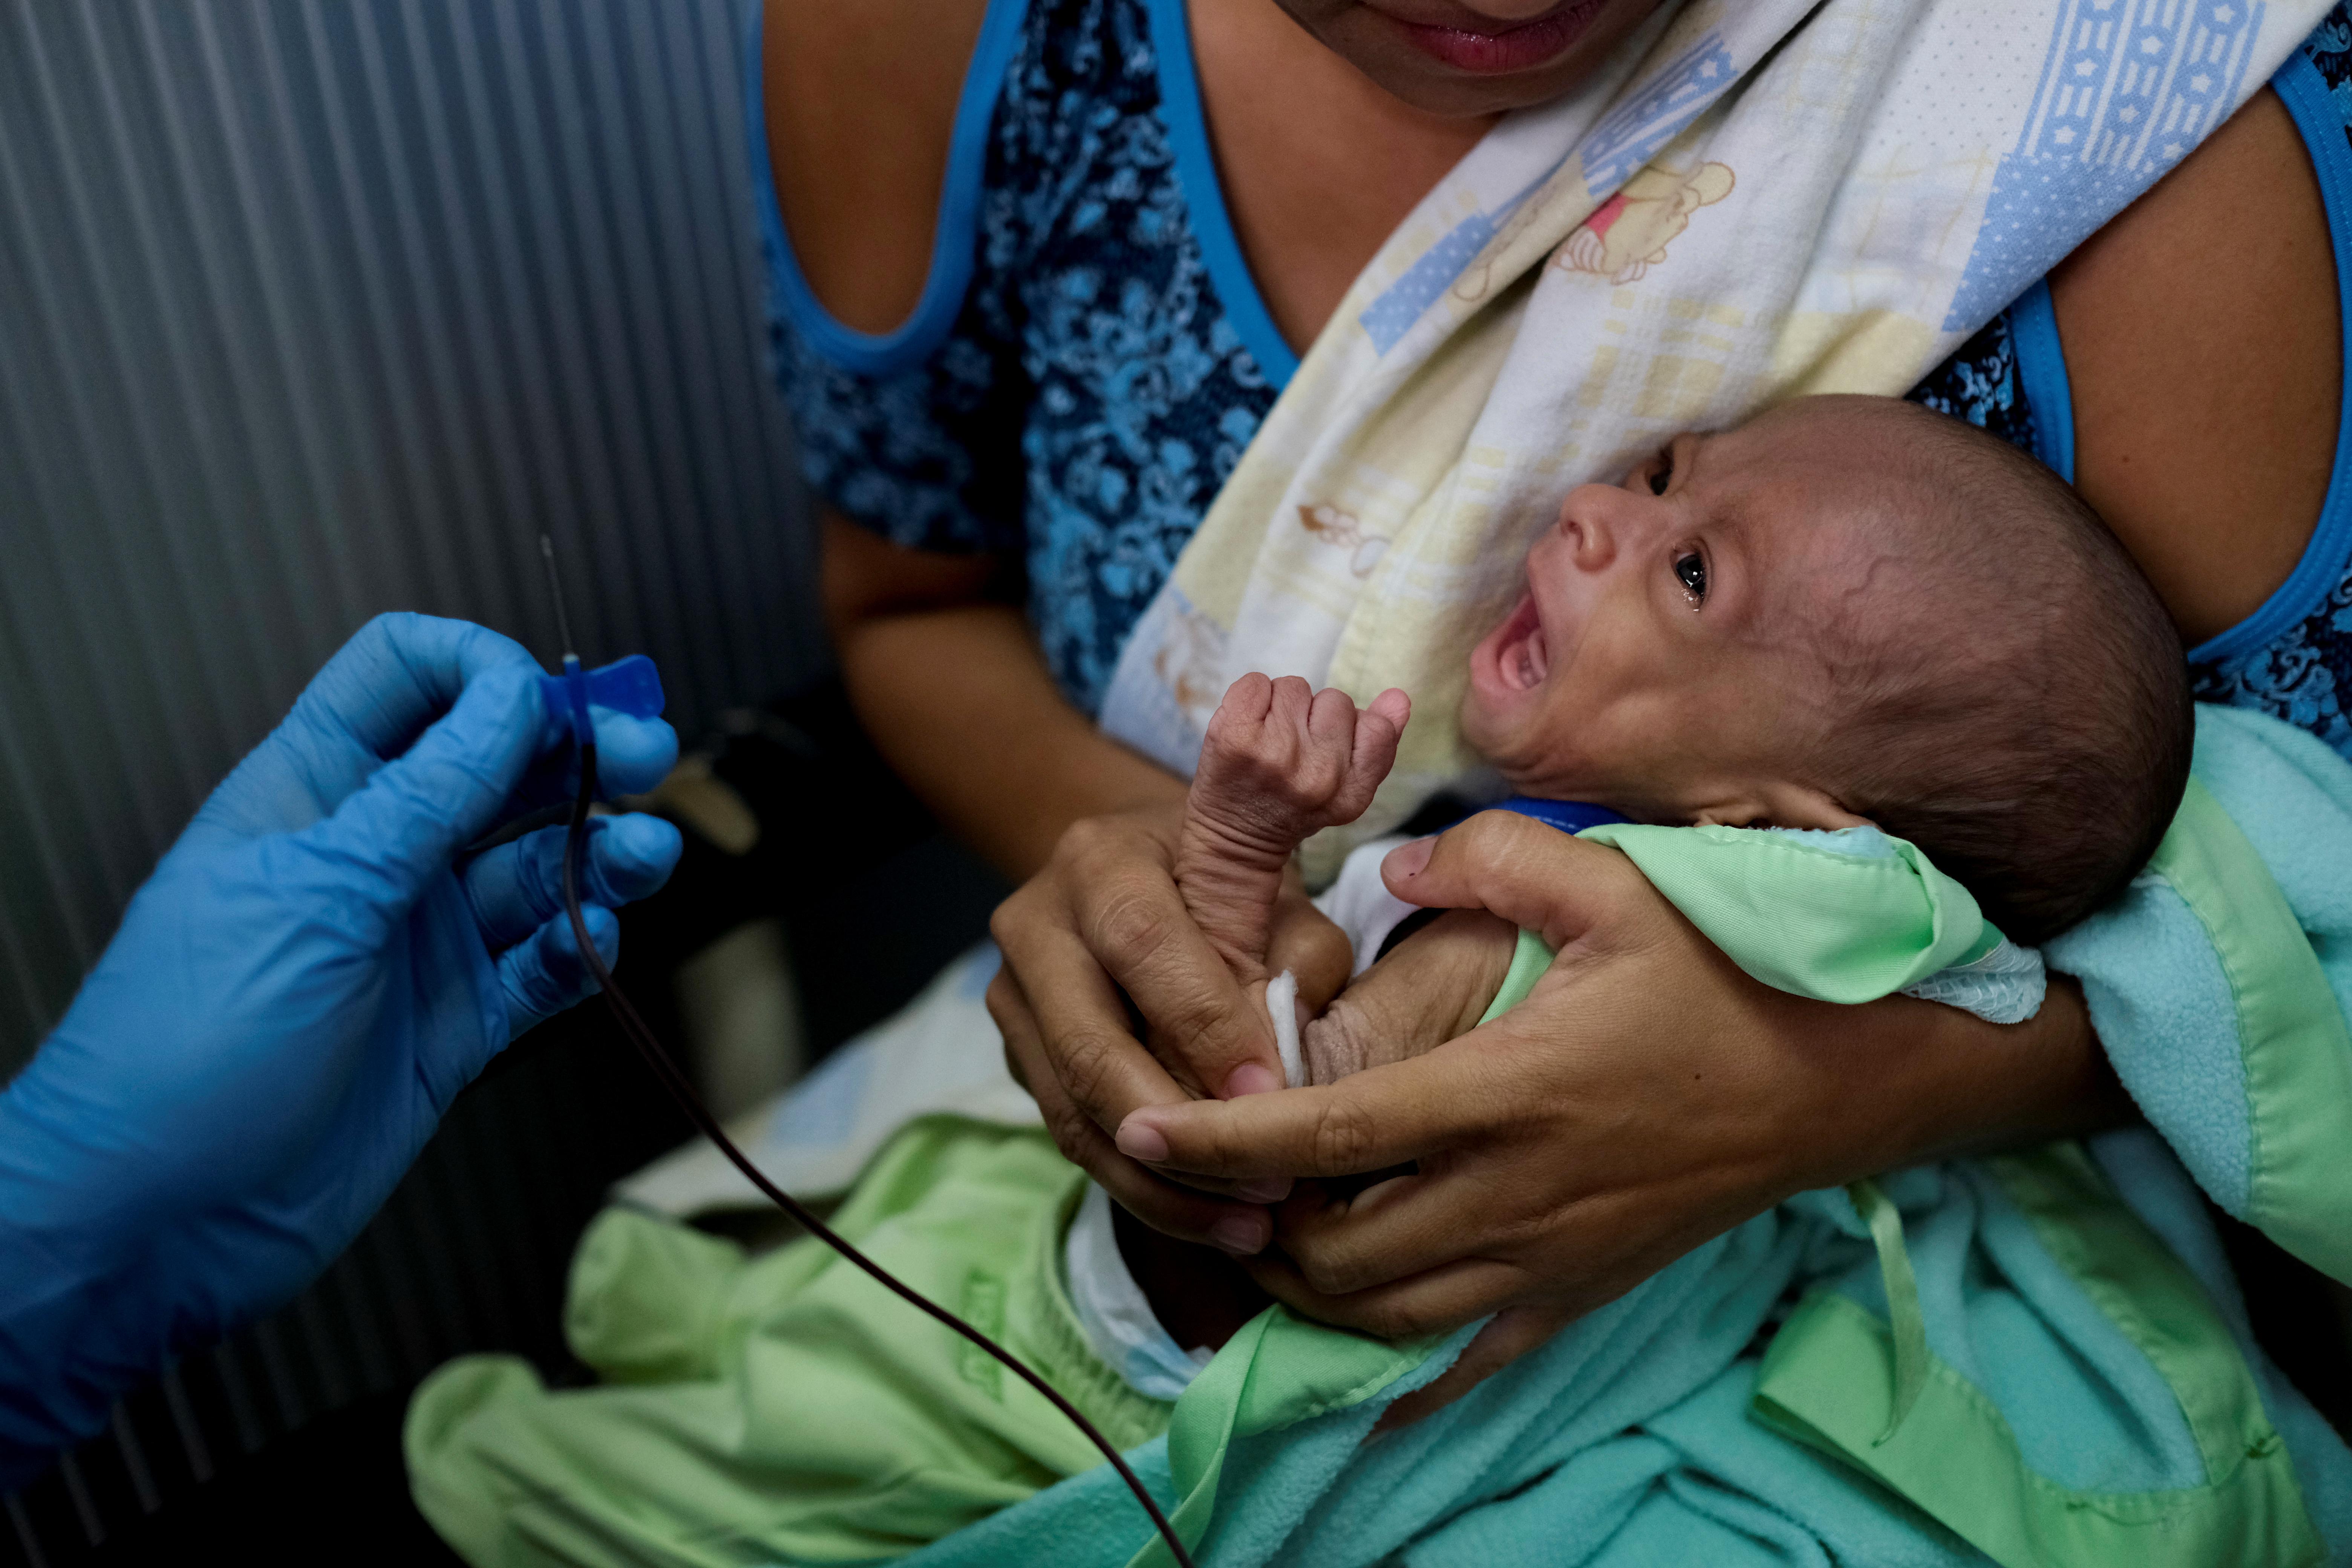 Francys Rivero sostiene a su hijo Kenai, de dos meses, a quien le diagnosticaron desnutrición, mientras le hacen un análisis de sangre en una clínica en Barquisimeto, Venezuela (REUTERS/Carlos García Rawlins)